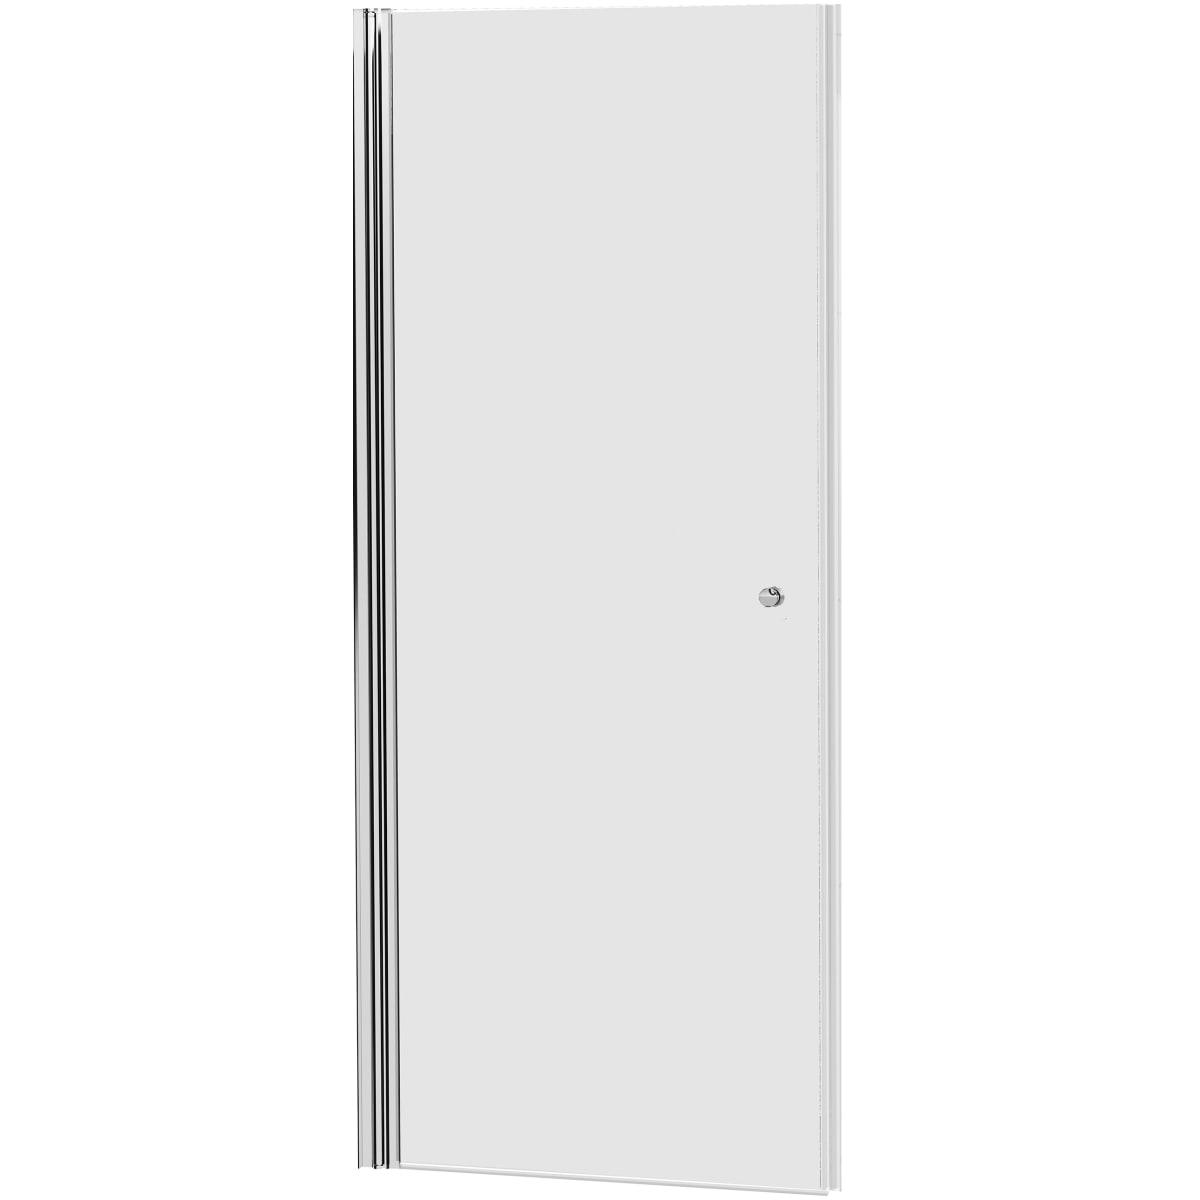 Дверь душевая «Комфорт» распашная, диапазон регулировки ширины 80-90 см